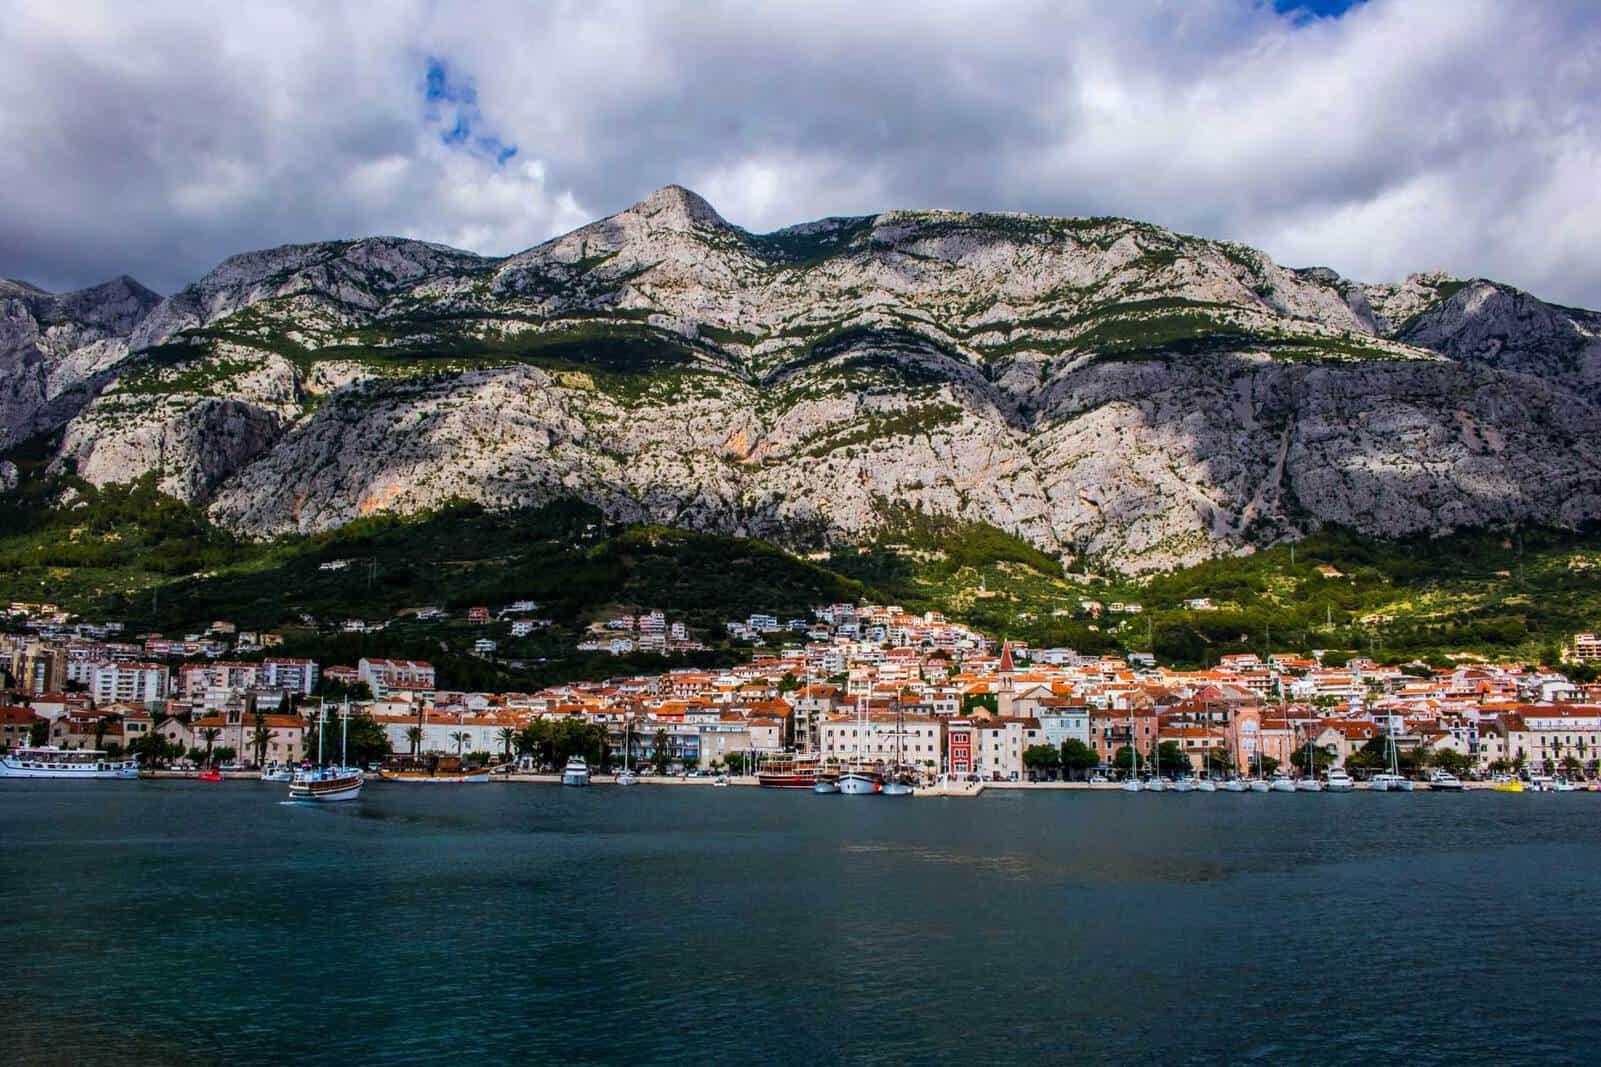 things to do in split omis croatia, adventure in croatia, adventurous things to do croatia